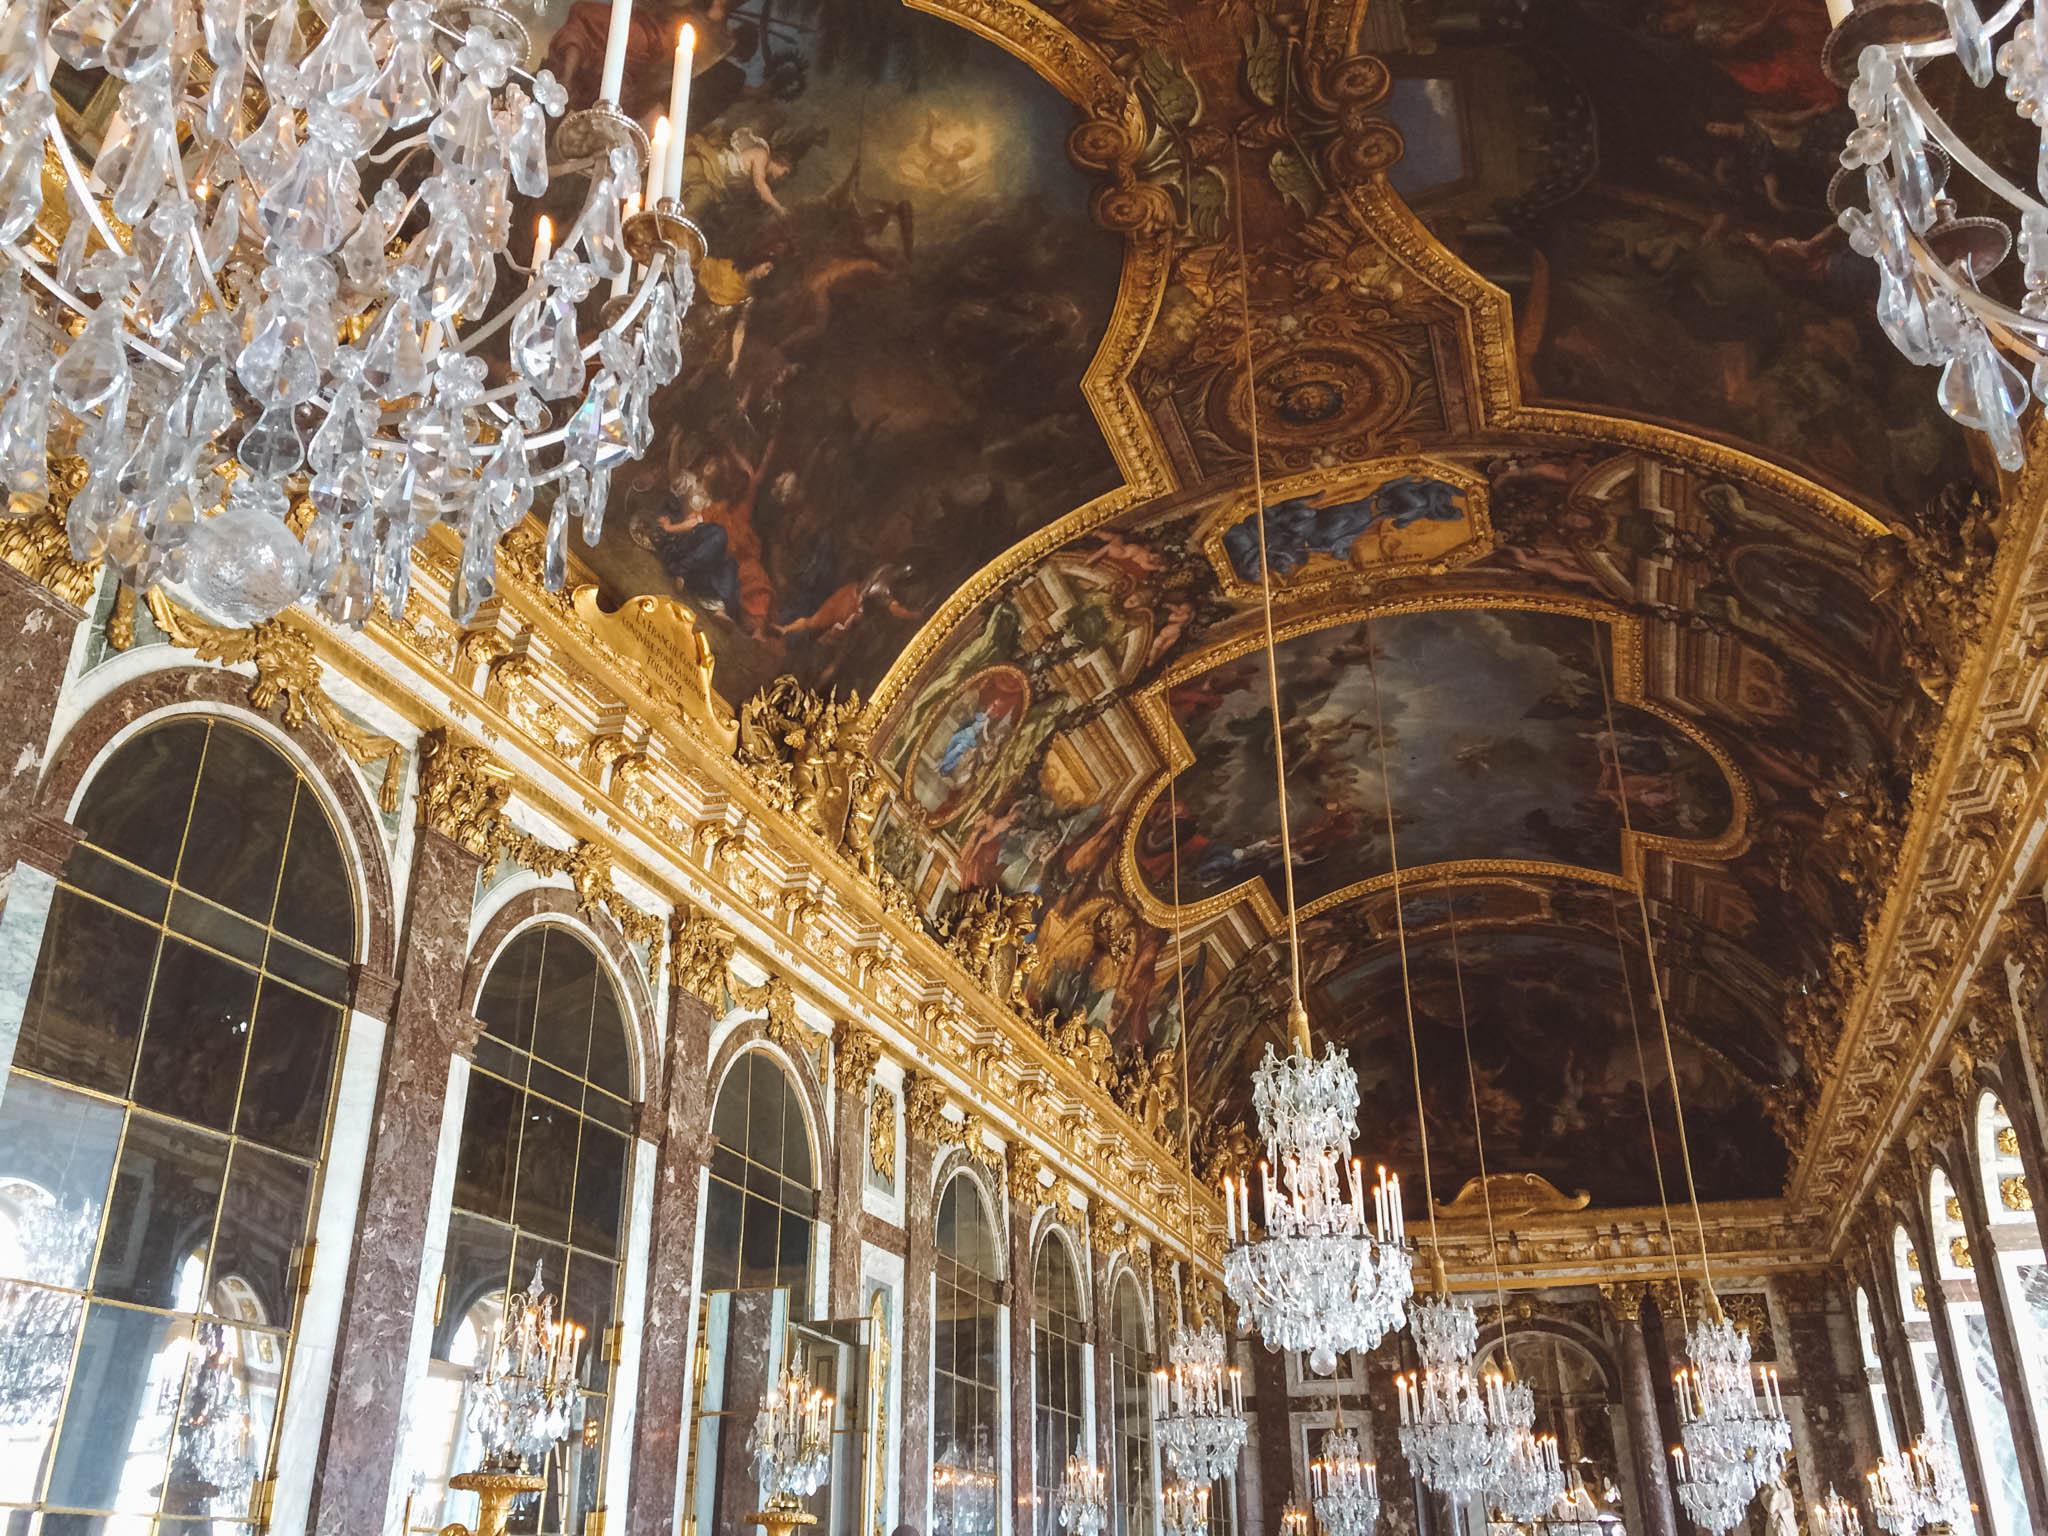 Visiting the Chateau de Versailles